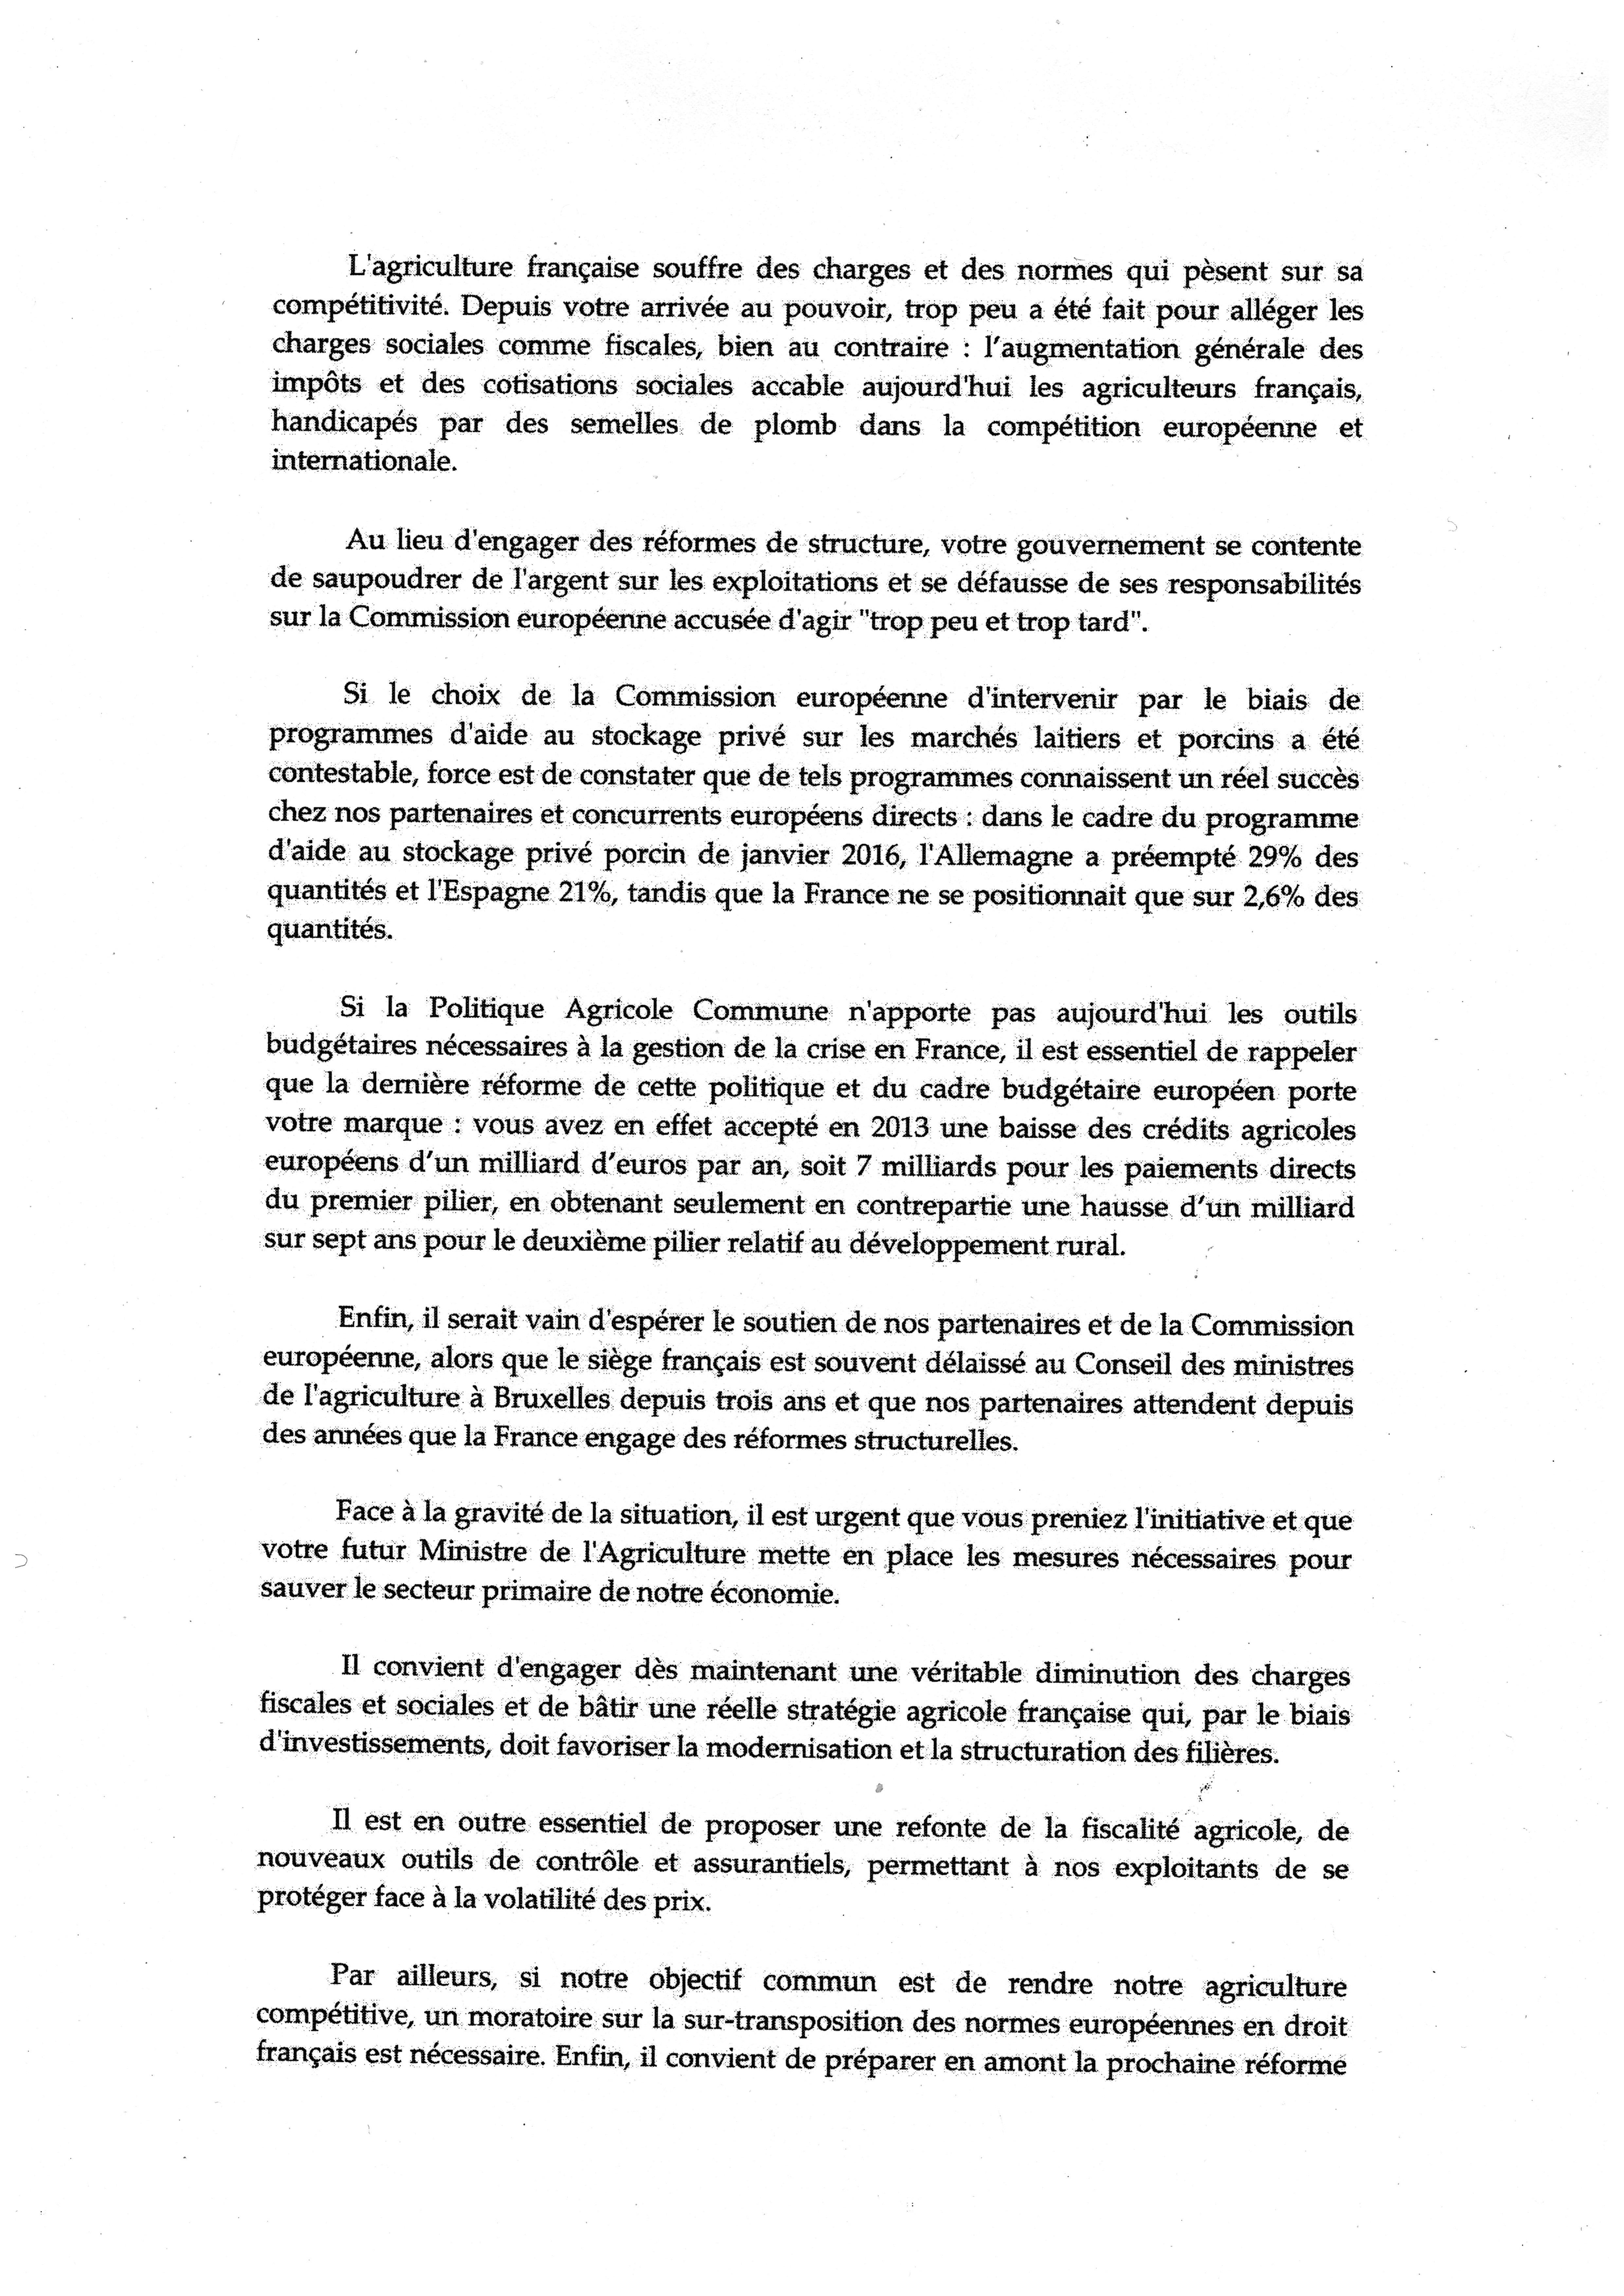 Lettre Des Deputes De La Delegation Francaise Du Ppe A Francois